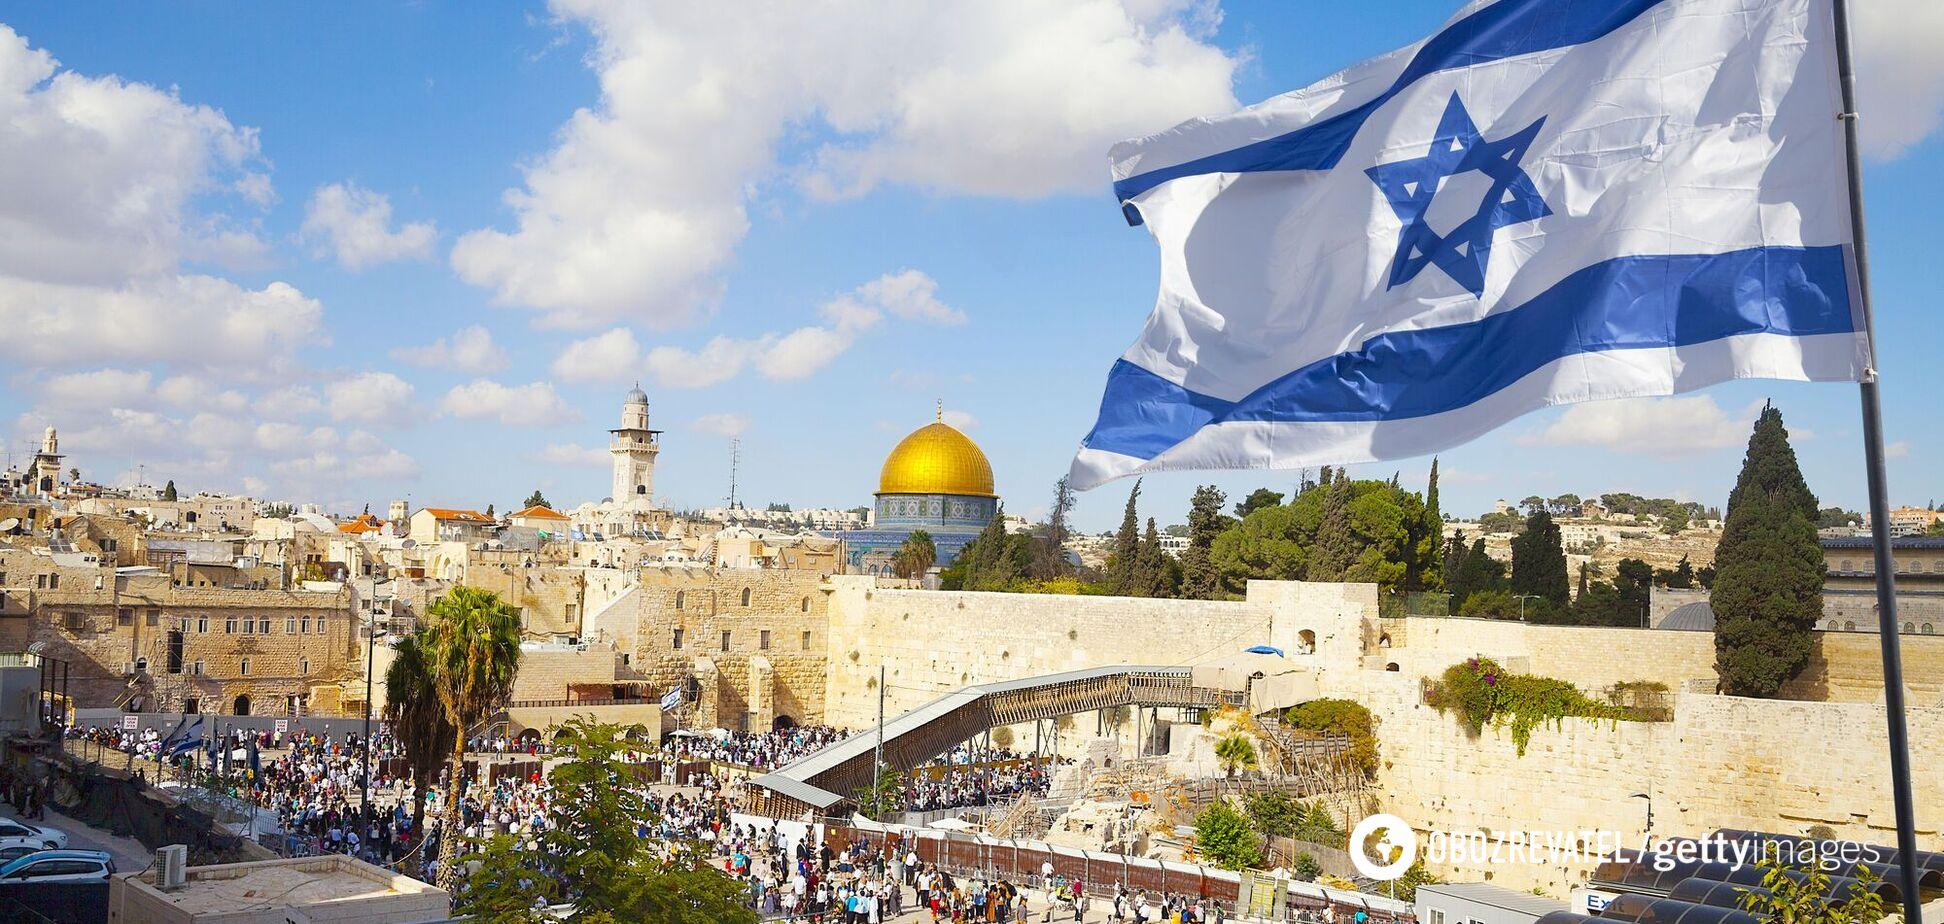 Ситуация вокруг Израиля резко ухудшается: пора прозреть